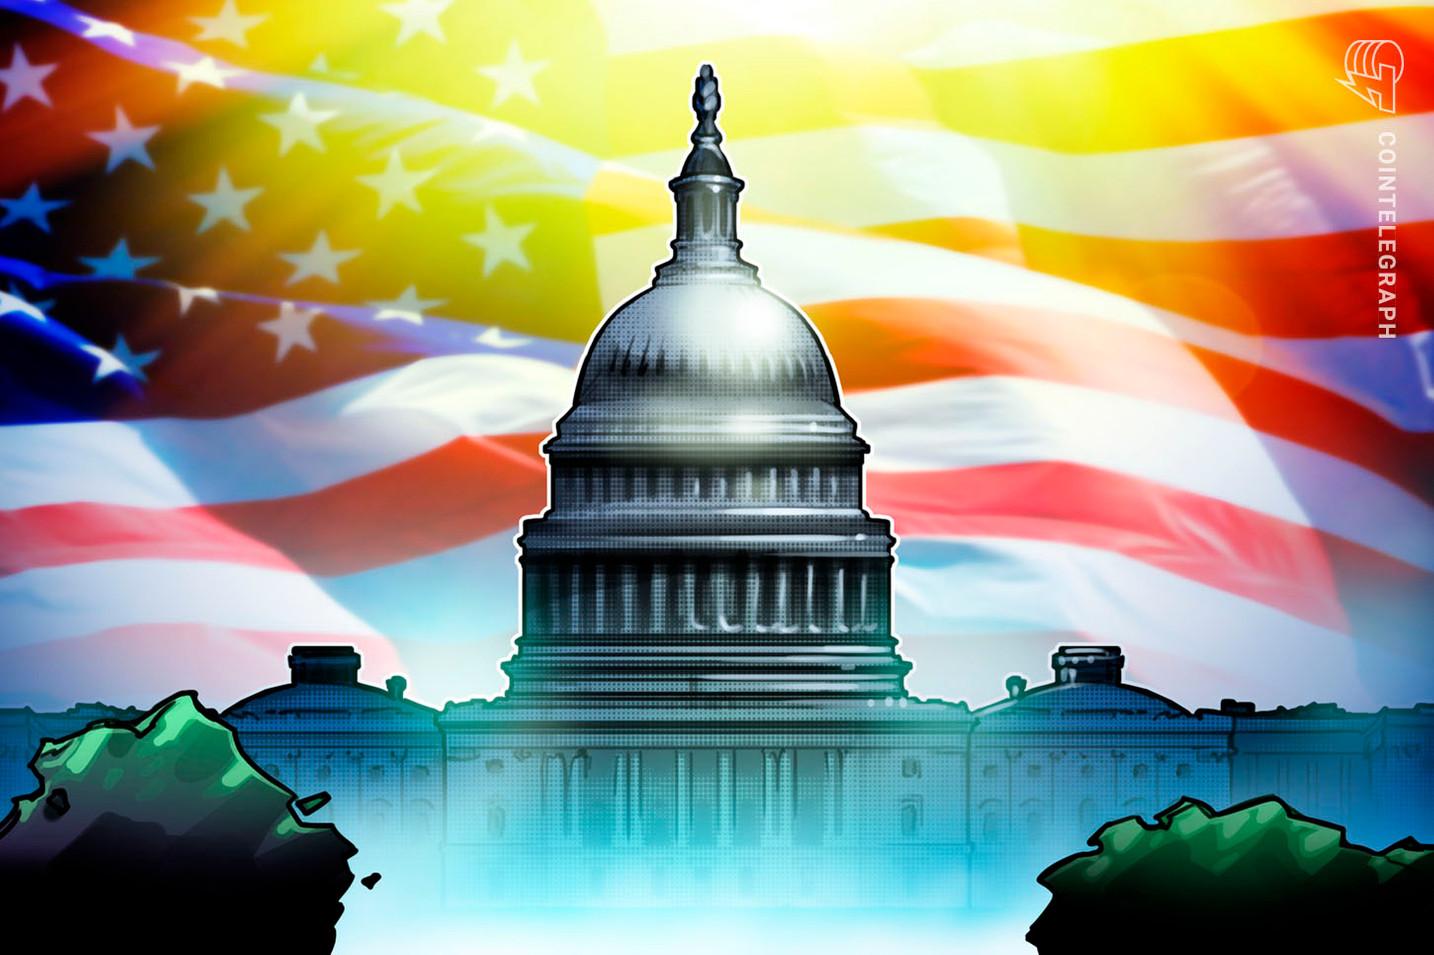 Bill Foster, congresista estadounidense, dice que la identidad digital es el futuro